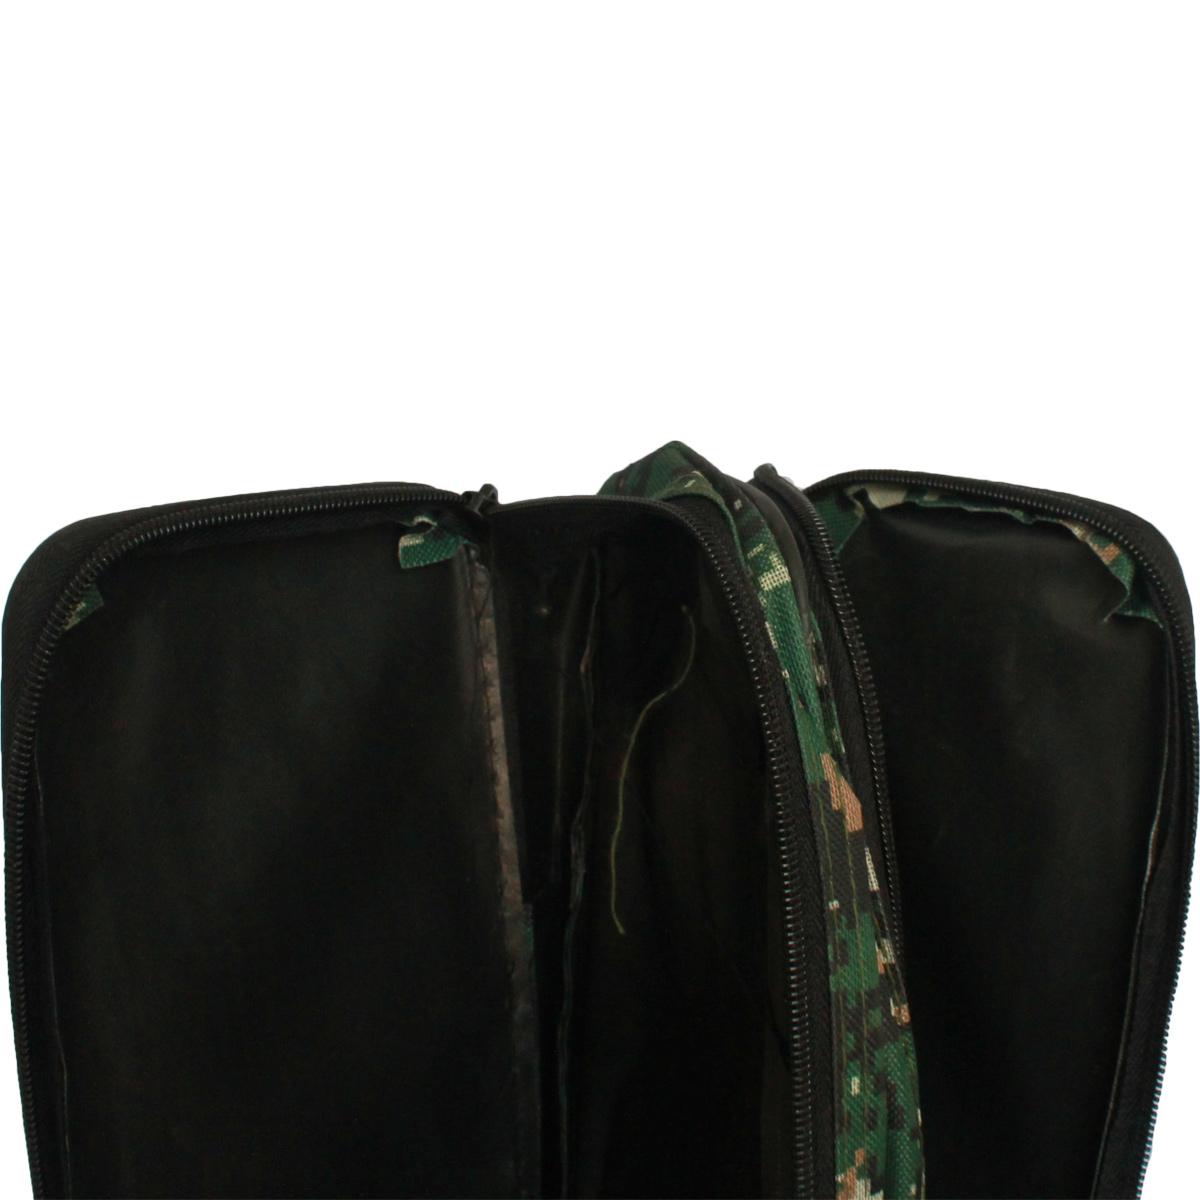 Túi Vải Đựng Cần Hai Ngăn Rằn Ri 1m40